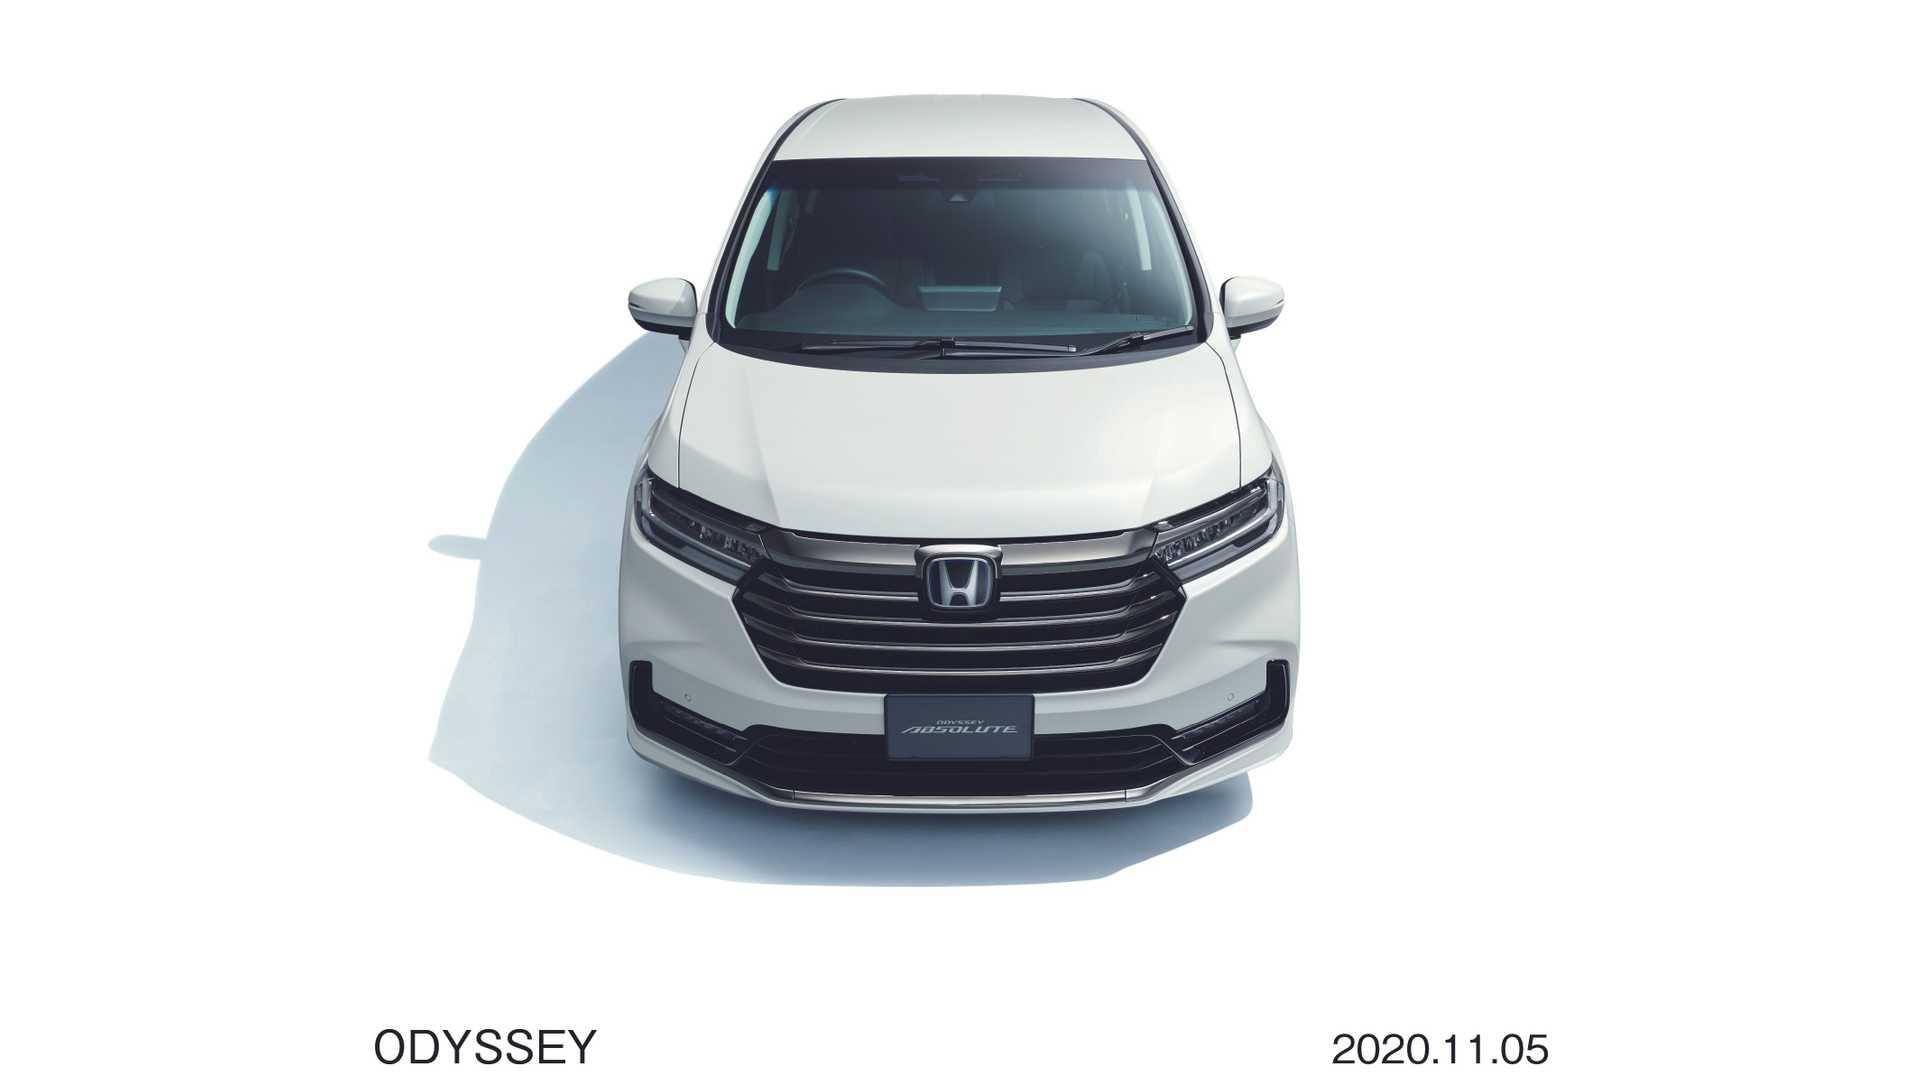 Honda-Odyssey-facelift-2020-7